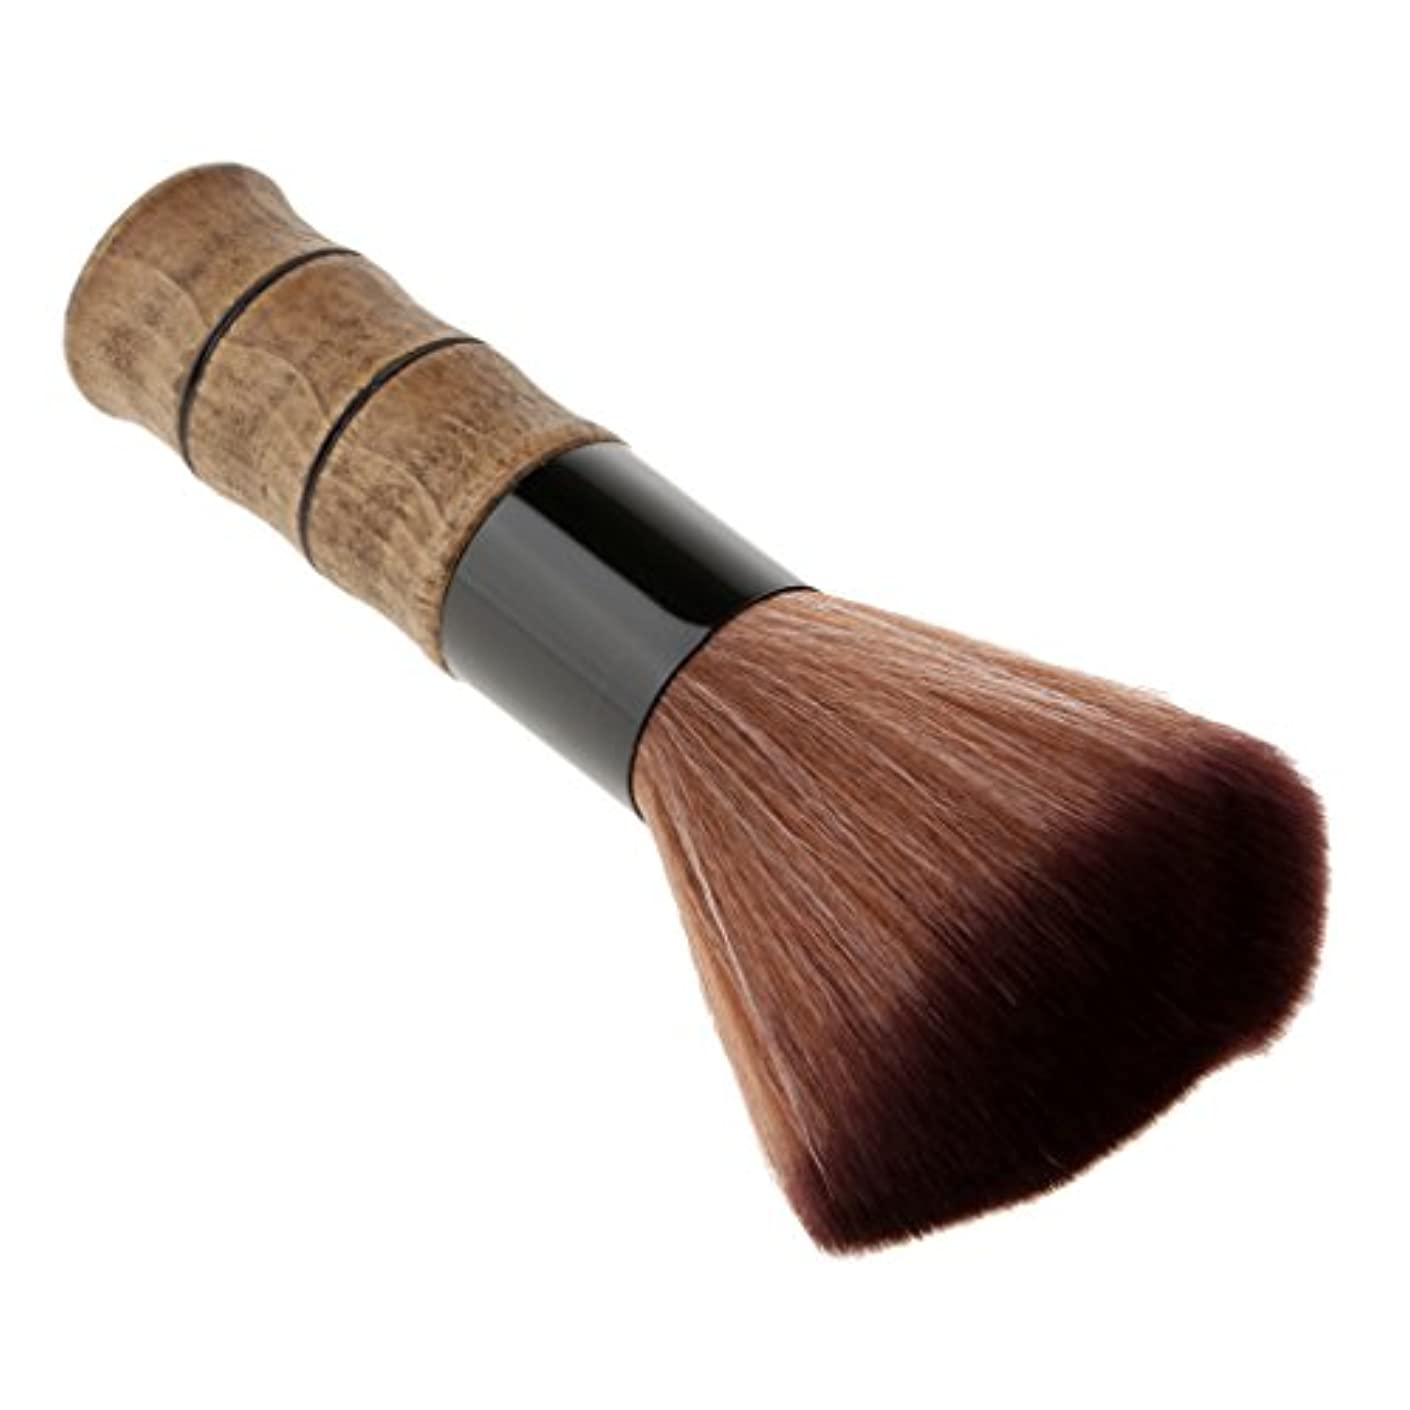 事前にハッピー逆にシェービングブラシ 洗顔 化粧ブラシ メイクブラシ ソフトファイバー ブラシ スキンケア メイクアップ 高品質 2色選べる - 褐色